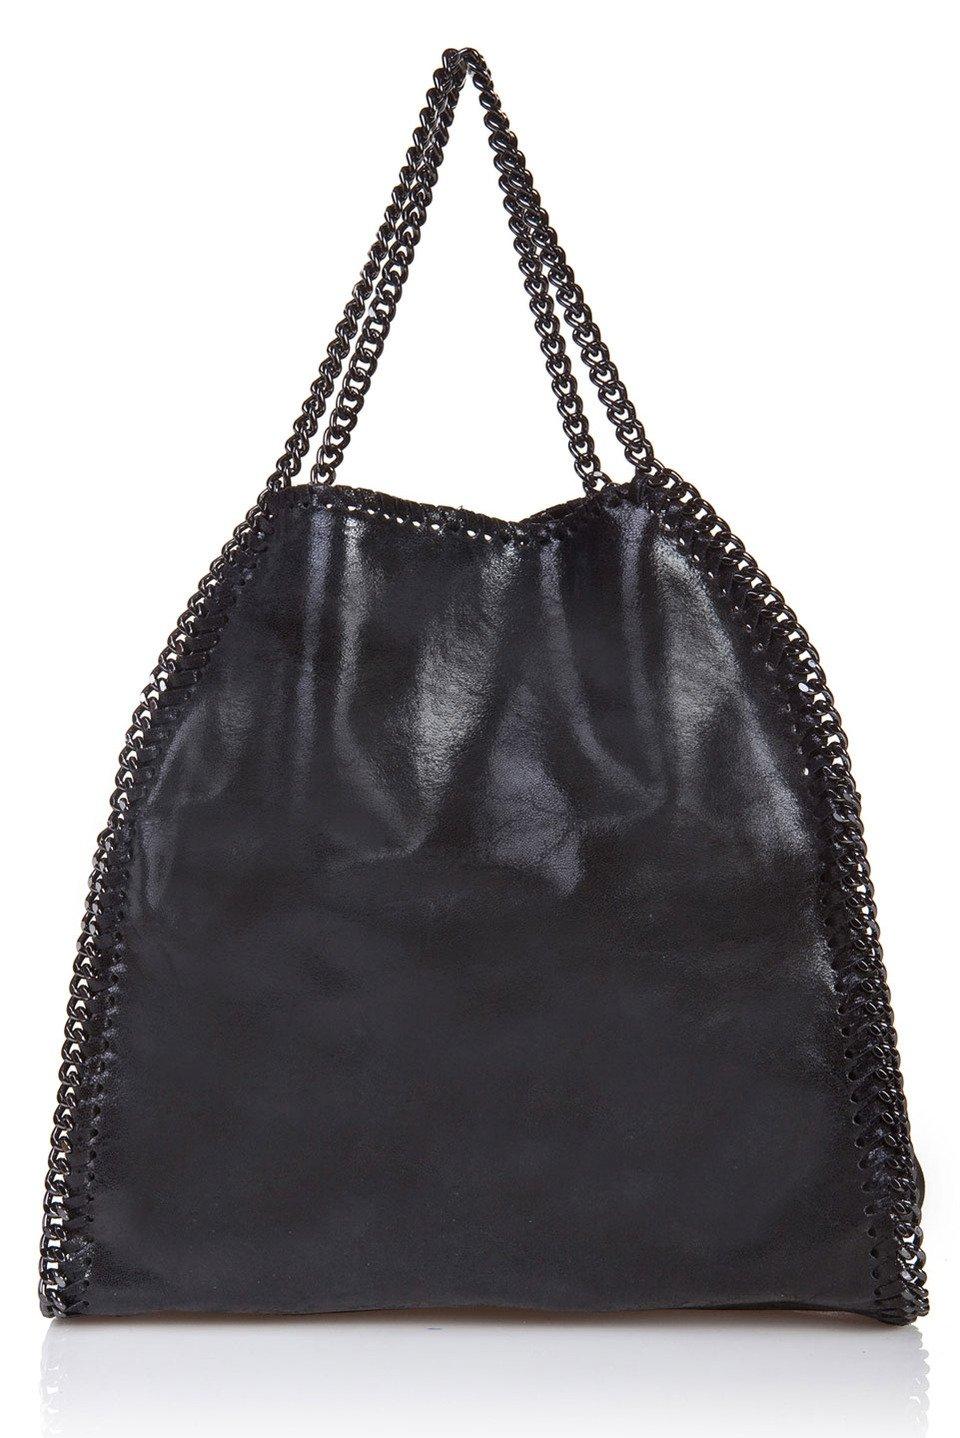 Josey Top Handle Bag in Black